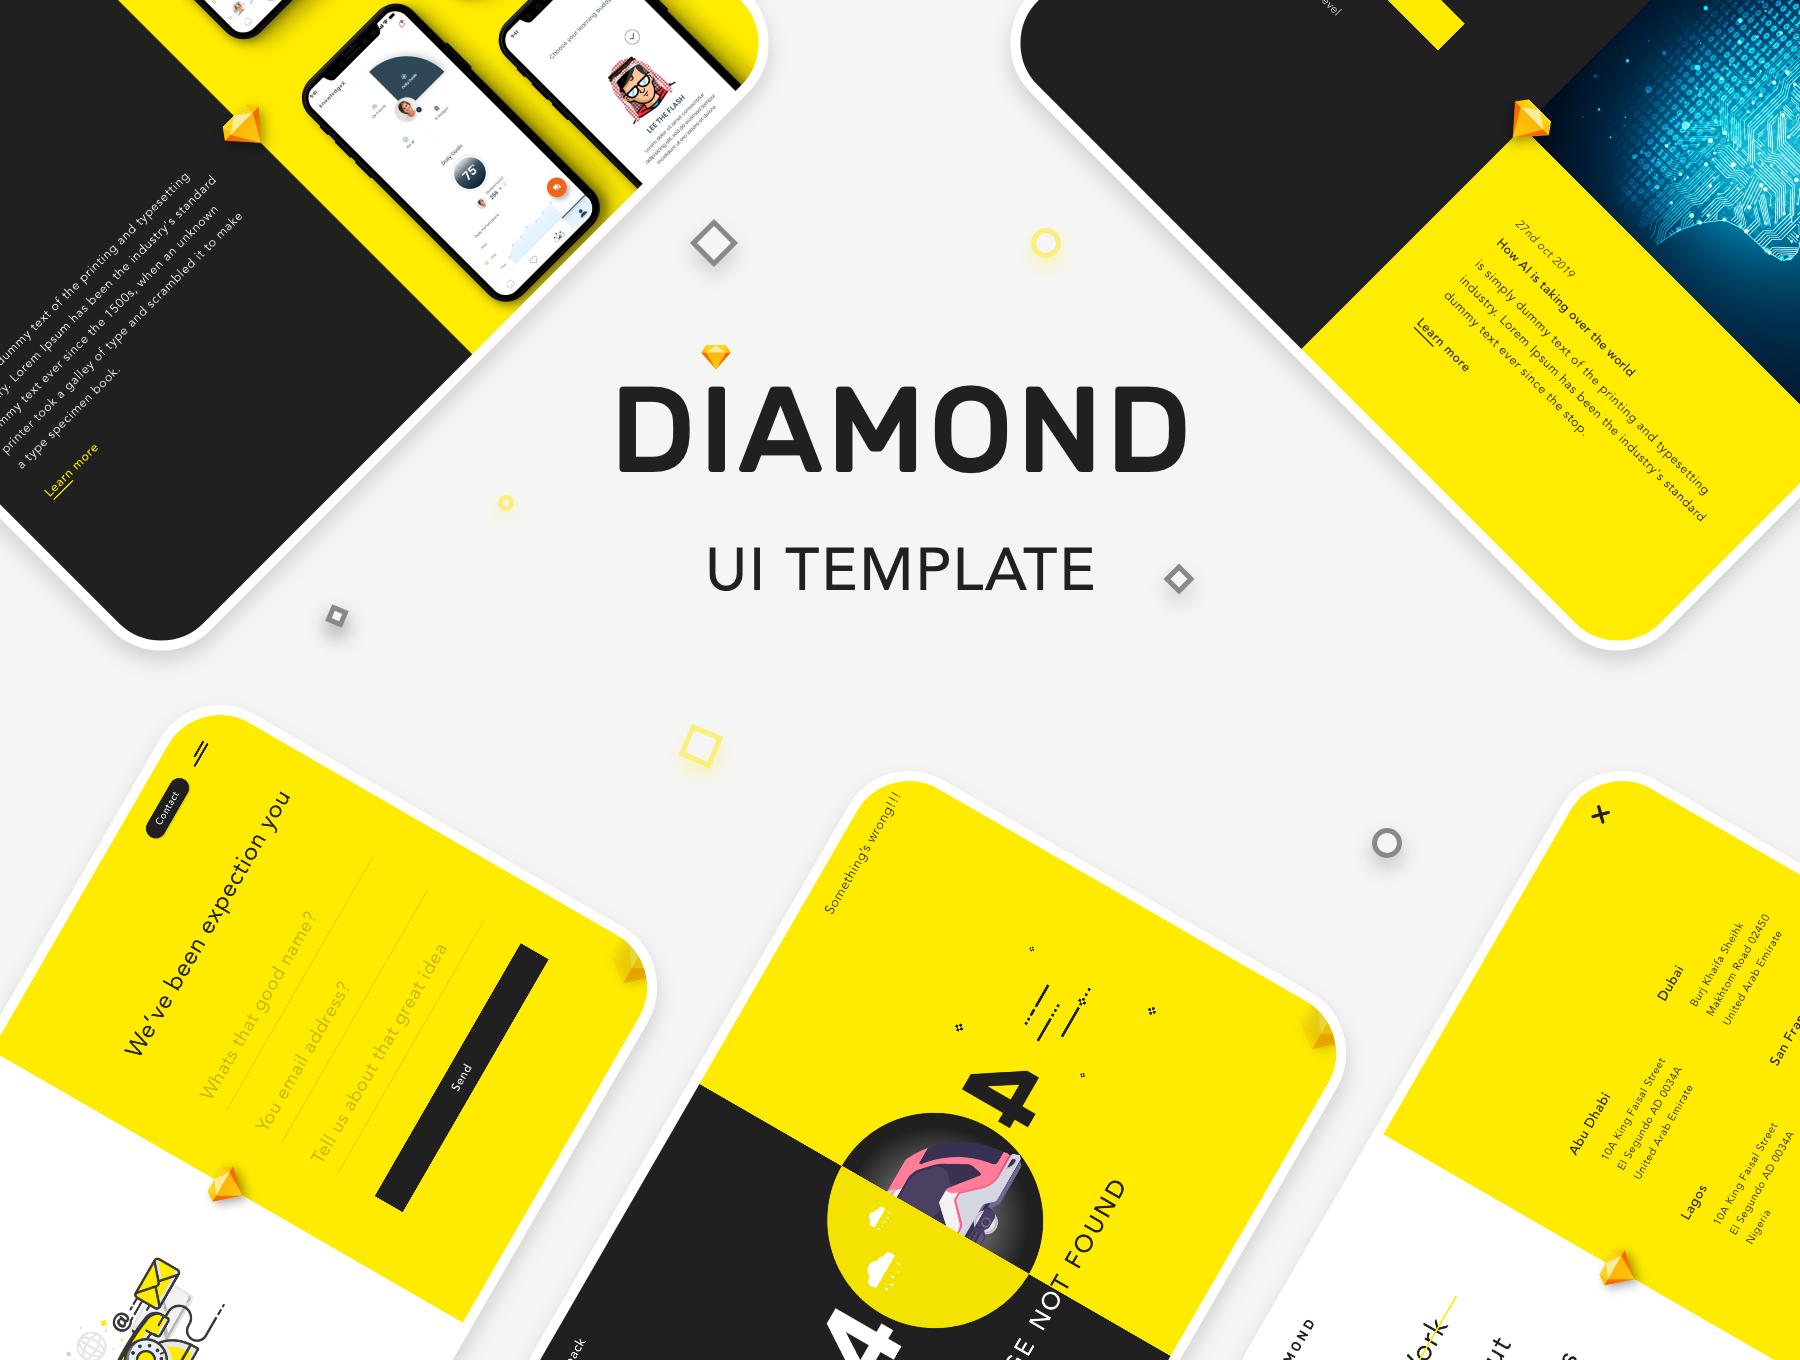 创意简洁公司网站WEB UI界面设计模板套件 Diamond UI Web Template插图(2)